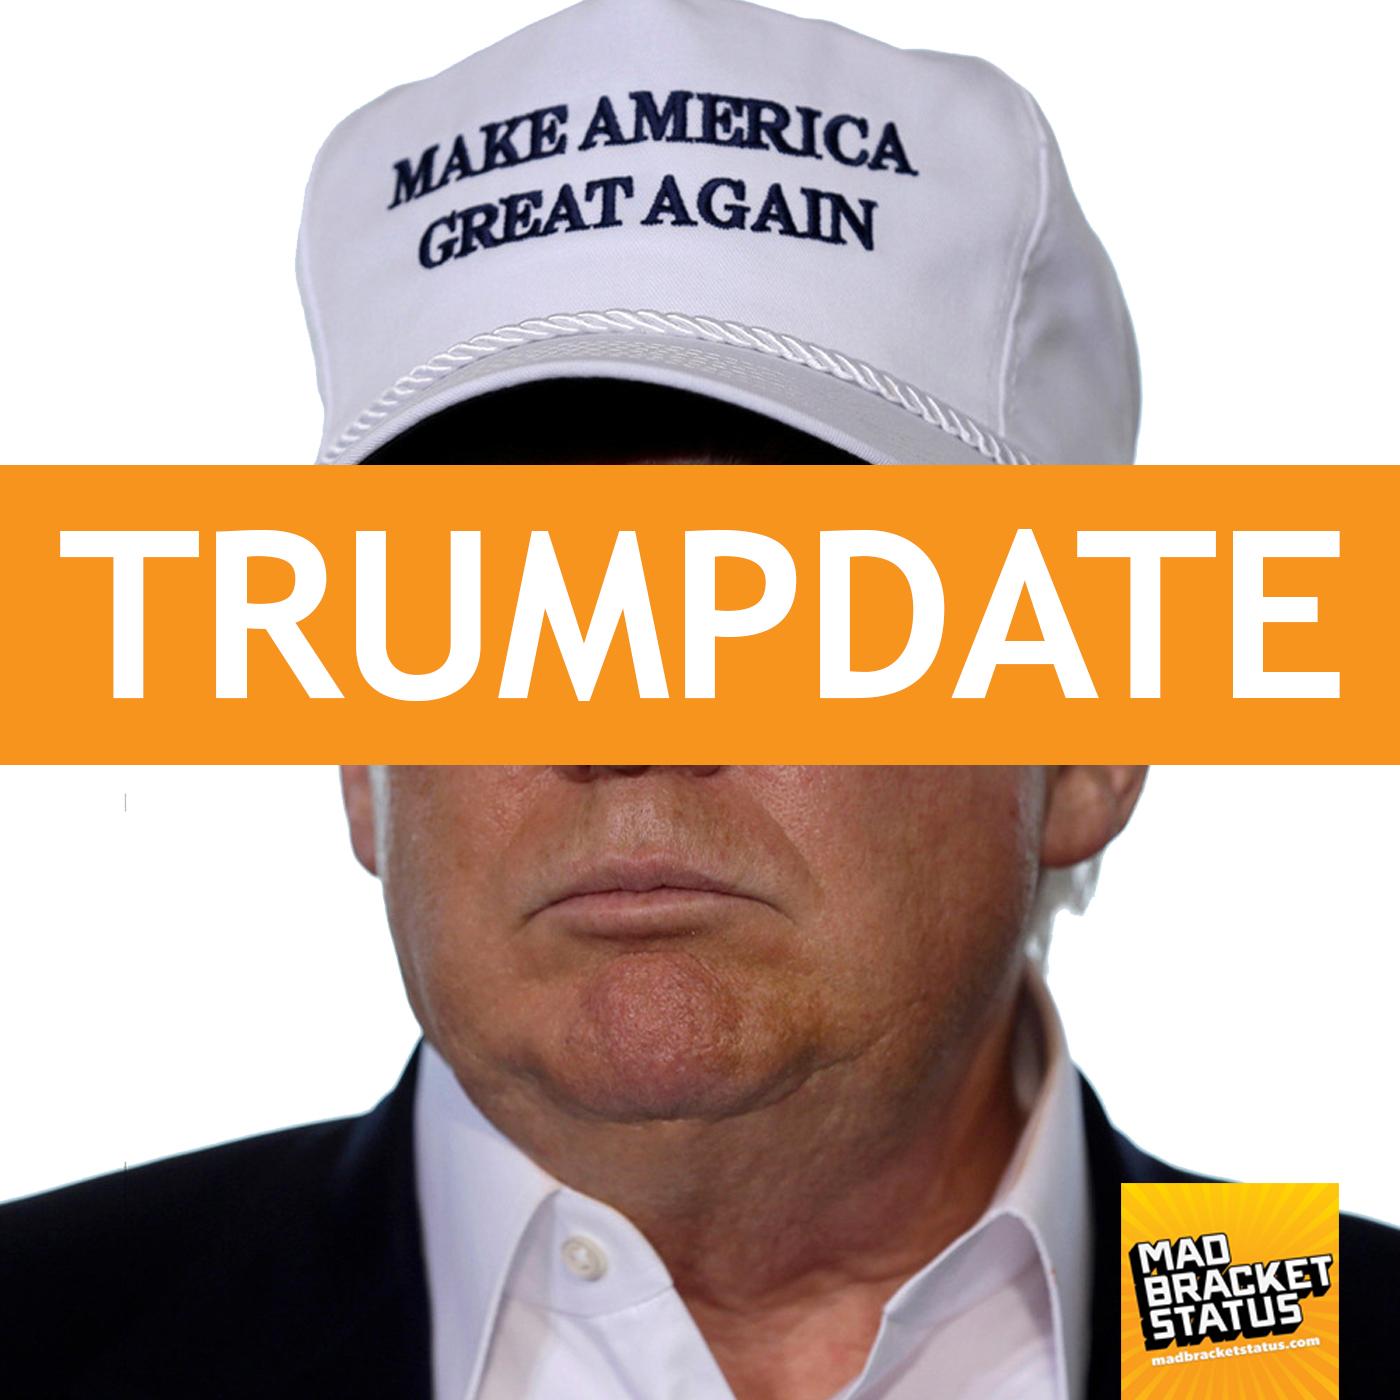 The Trumpdate